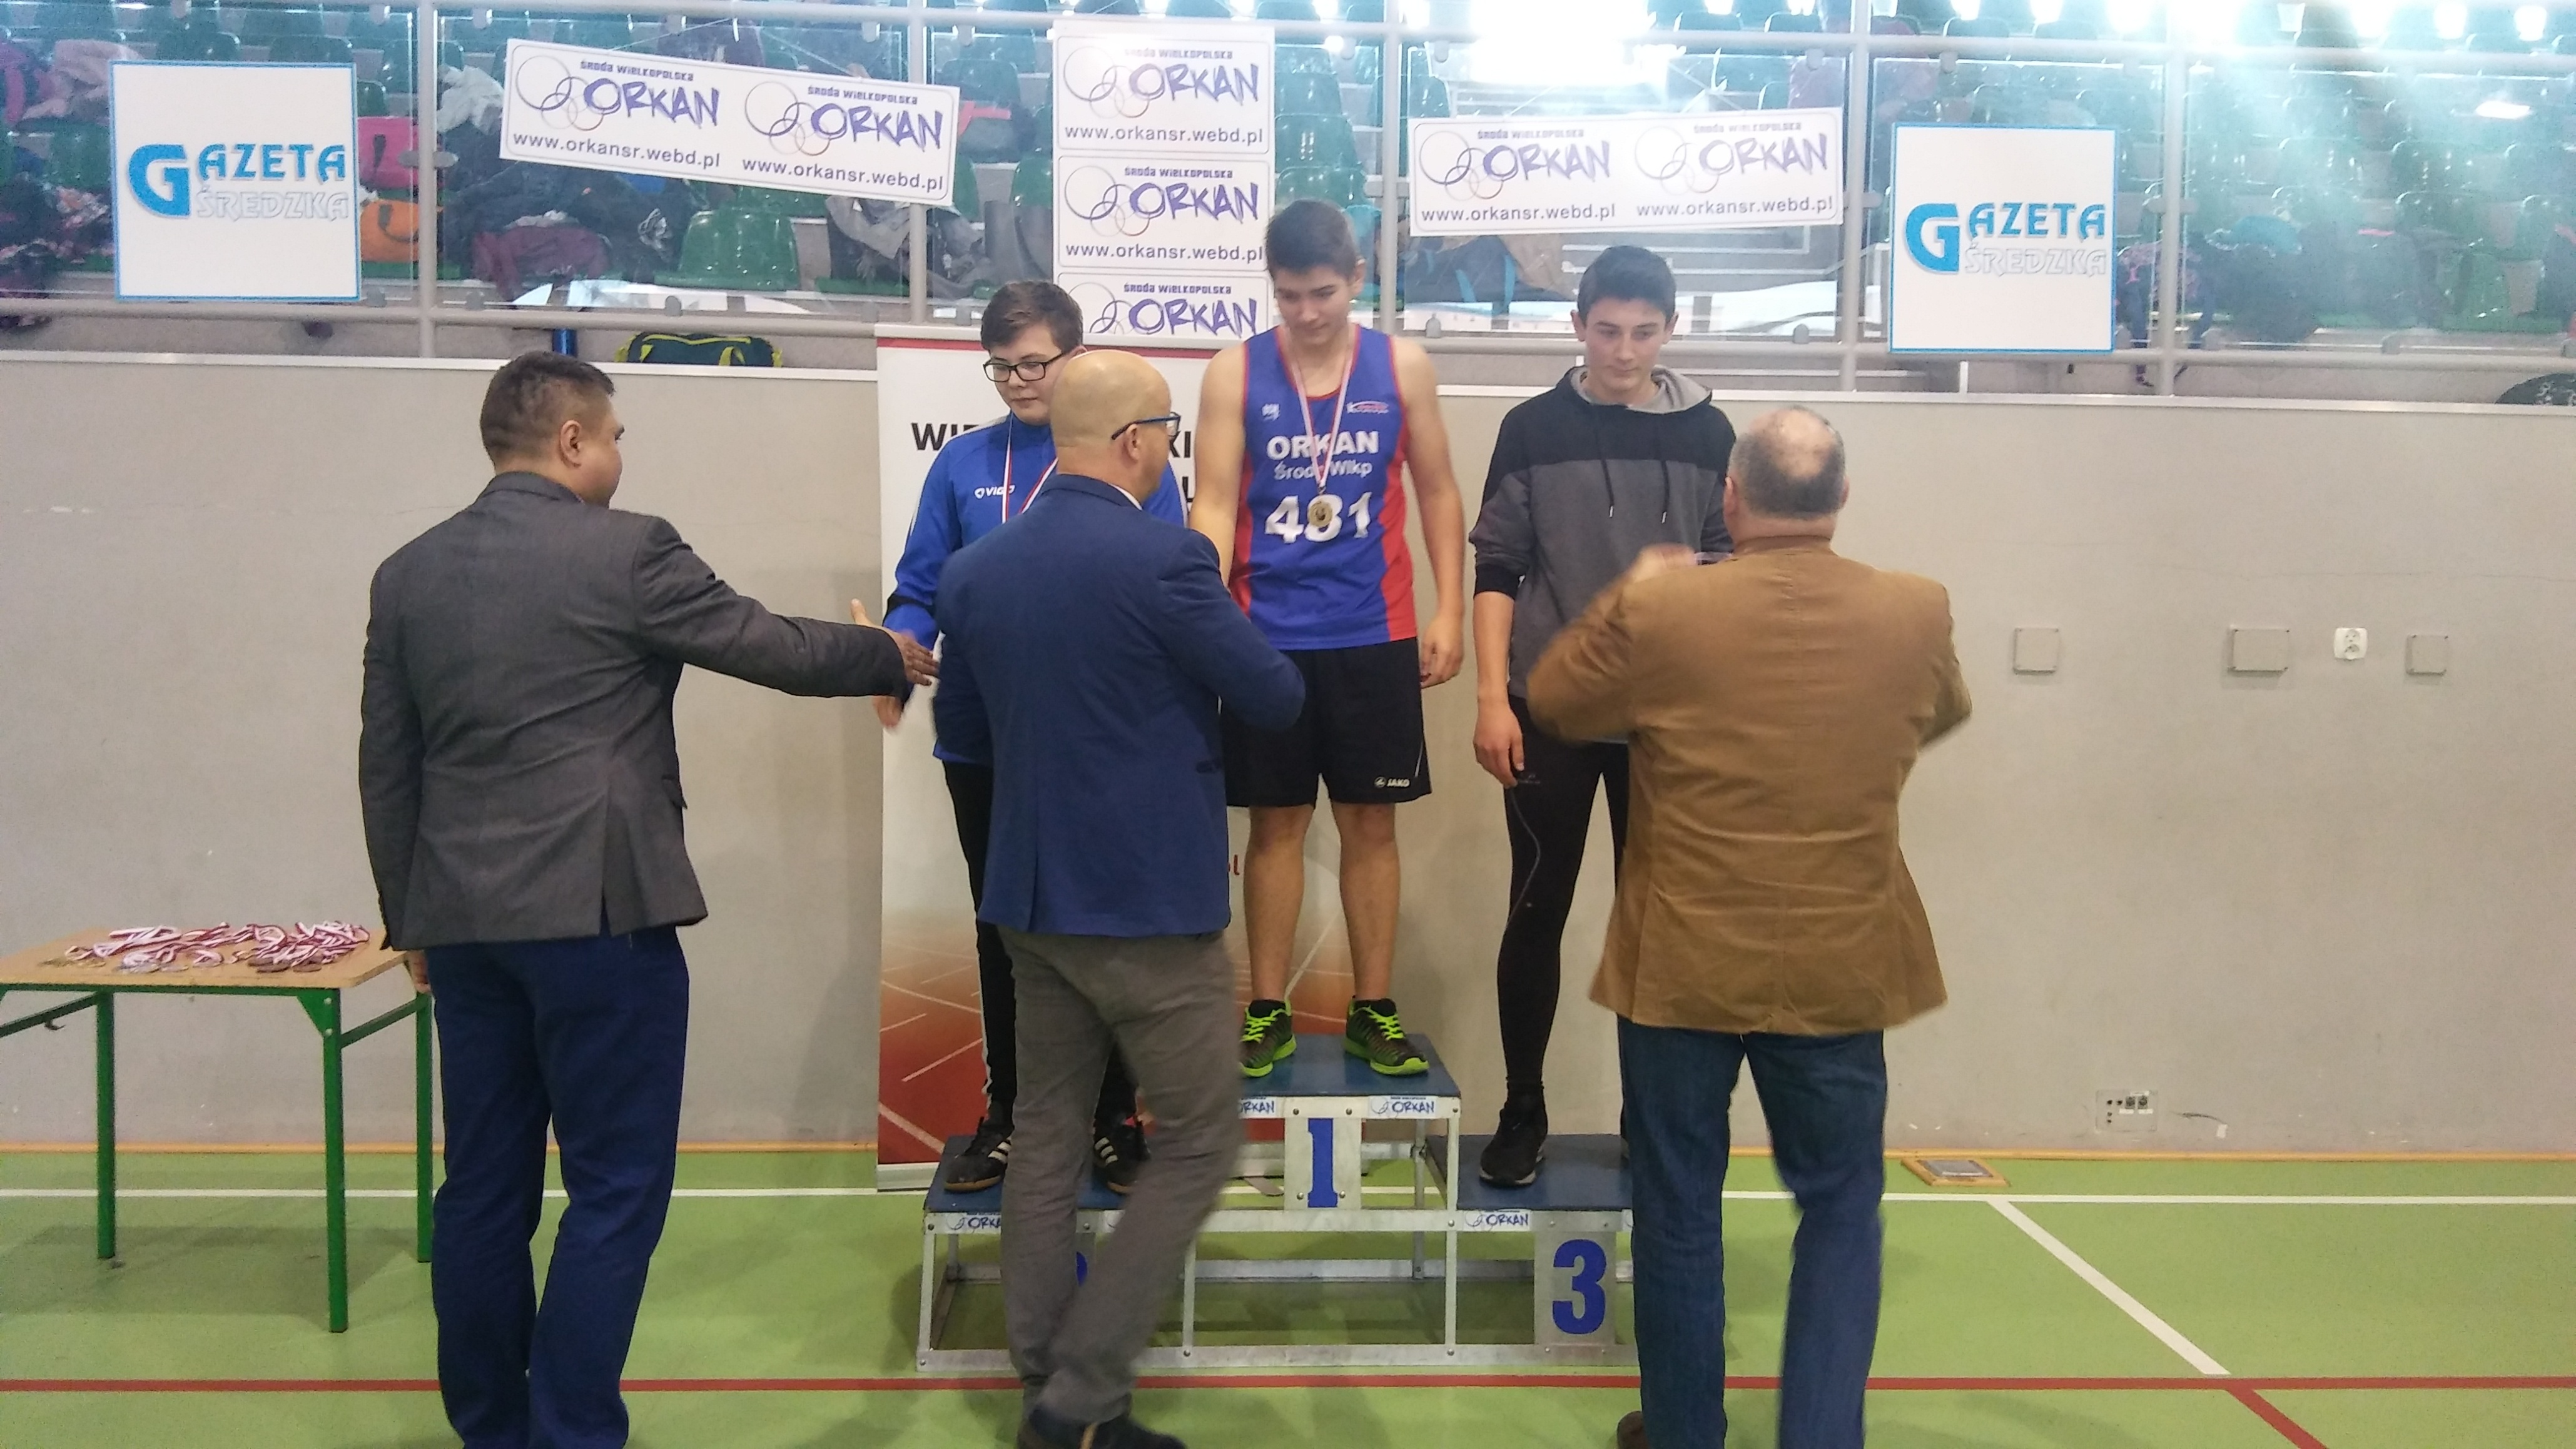 U16: 1m. Grześkowiak Tomasz 2m. Szilistowski Sebastian 3m. Ziółkowski Adam